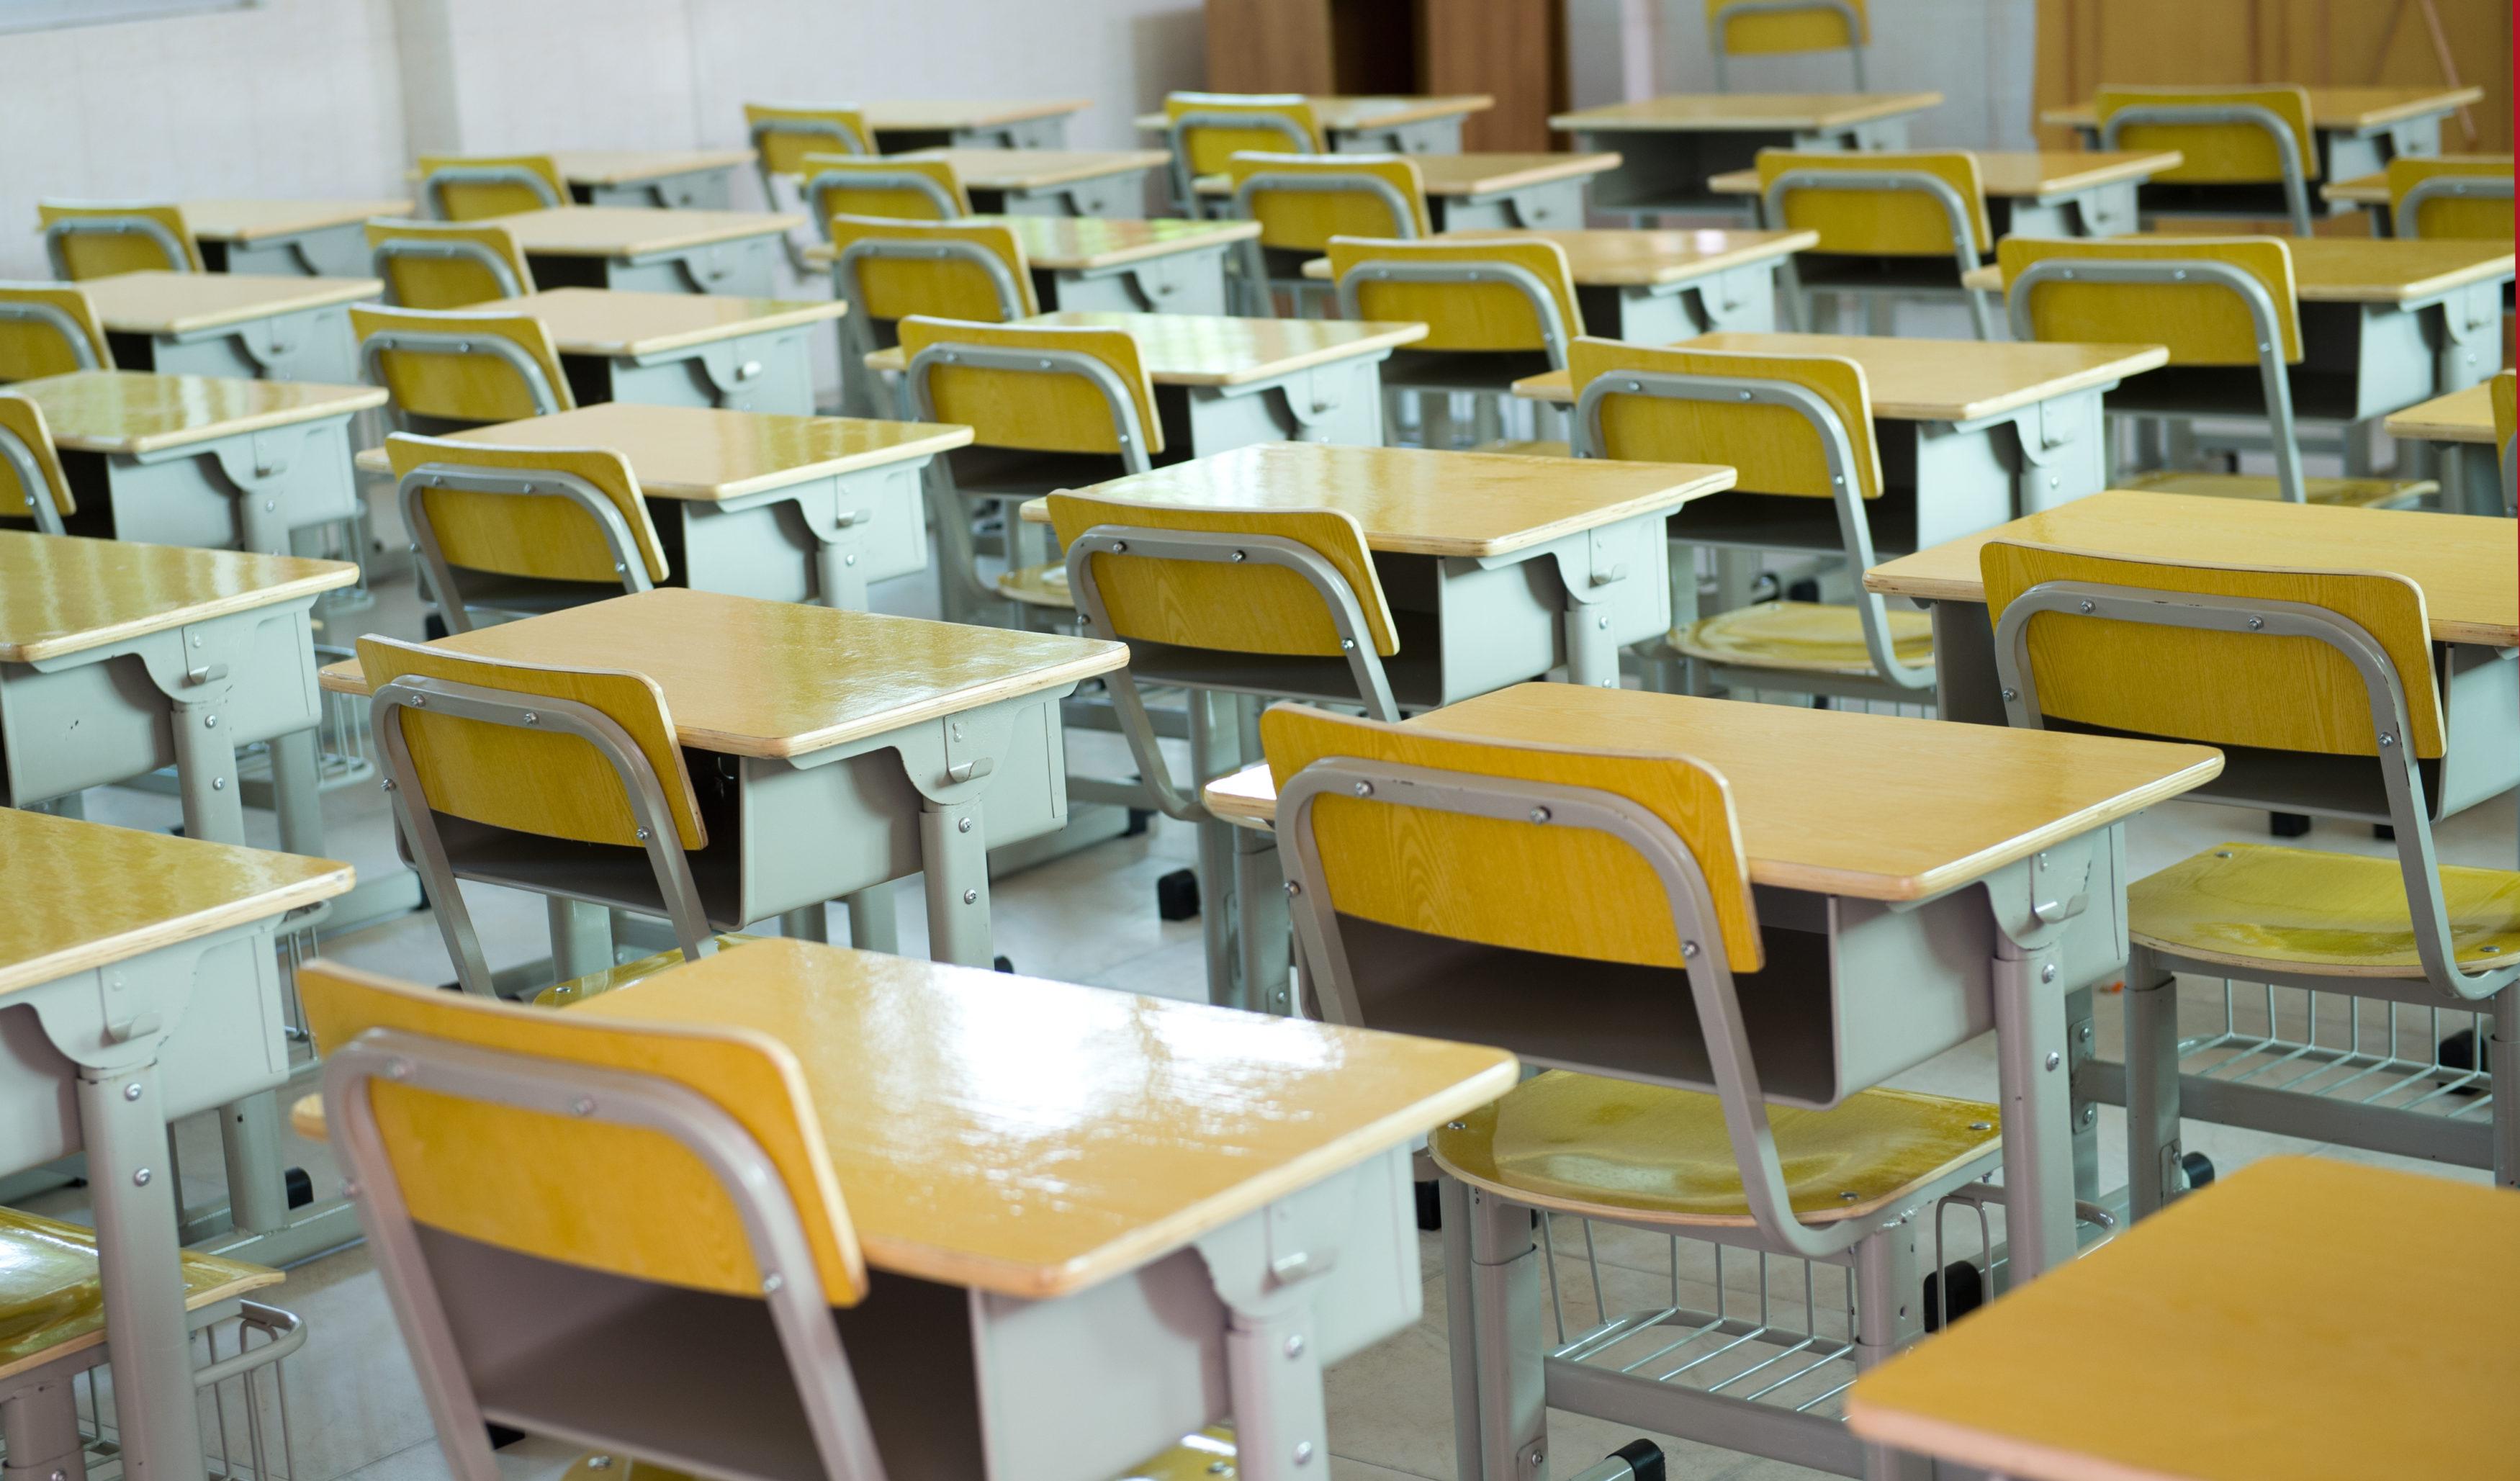 classroom-3500x2057.jpg